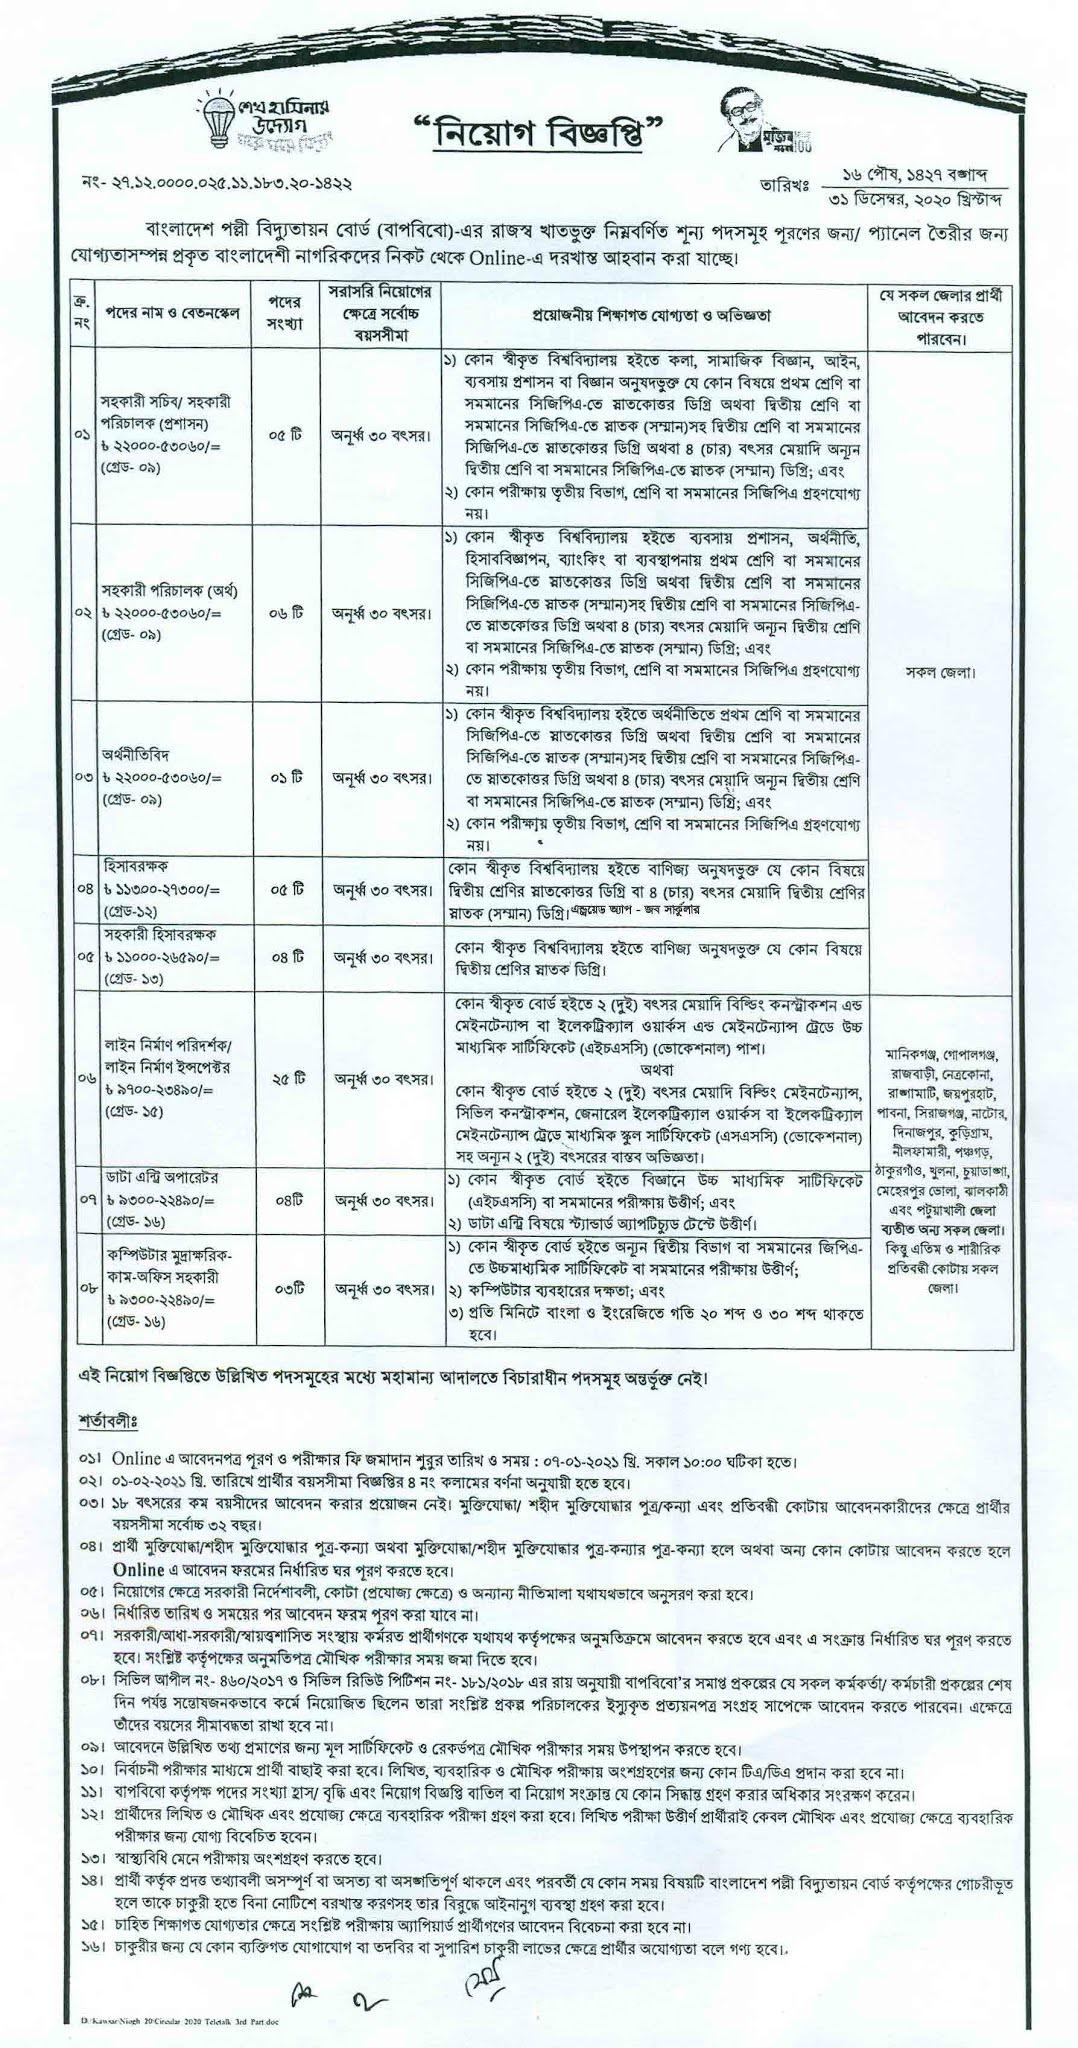 পল্লী বিদ্যুতায়ন বোর্ড এ বিভিন্ন পদে ৪ টি নিয়োগ বিজ্ঞপ্তি ২০২১ | পল্লি বিদ্যুৎ বোর্ডে নিয়োগ বিজ্ঞপ্তি ২০২১